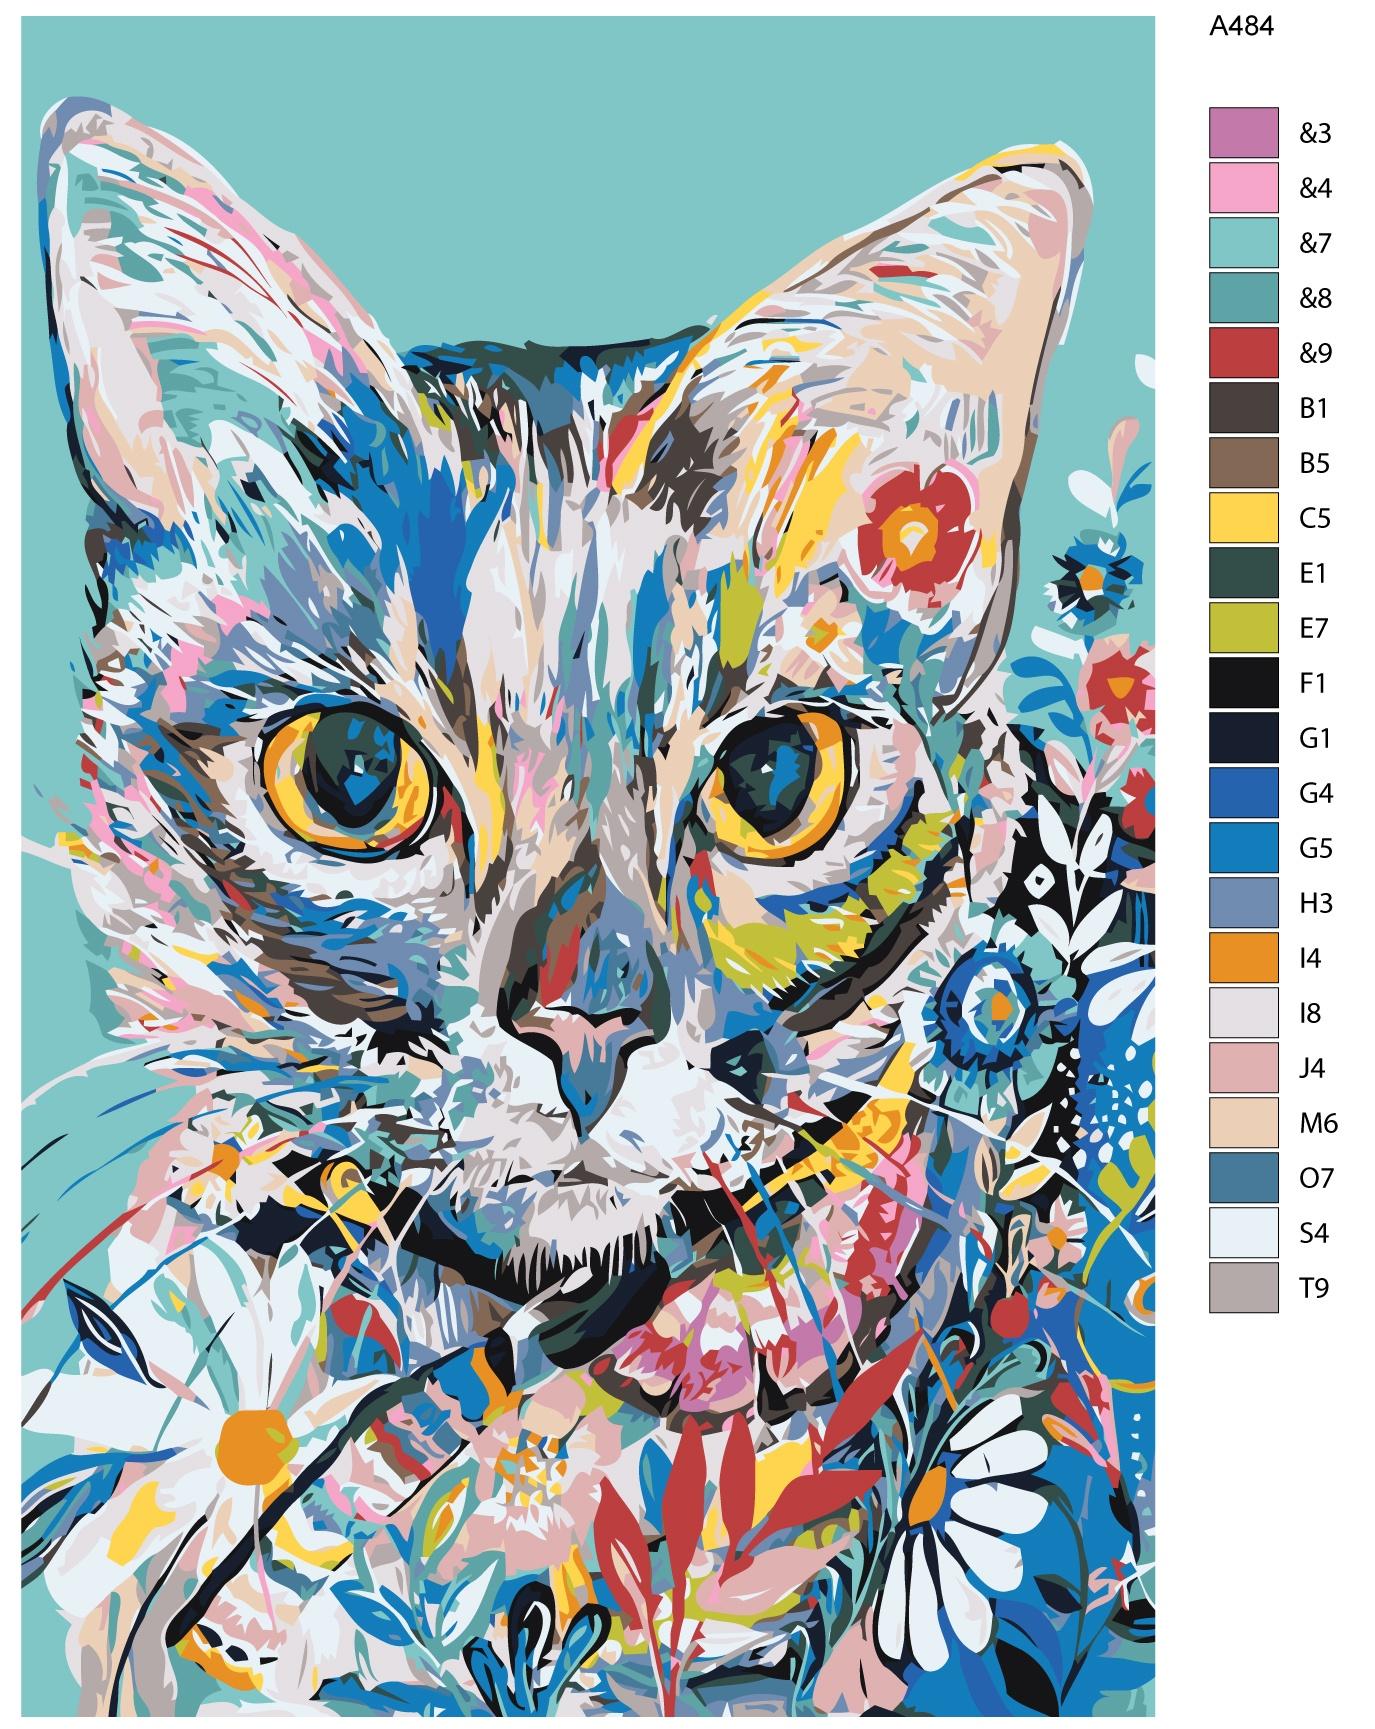 Набор для создания картины Живопись по номерам A484A484Количество красок от 18 до 24. Картина раскрашивается без смешивания красок. Высококачественные акриловые краски собственного производства сделают вашу картину яркой и уникальной. Все необходимые материалы есть в комплекте: натуральный хлопковый холст, натянутый на деревянный подрамник, баночки с акриловыми красками на водной основе, 3 кисти из качественного нейлона, схема раскрашивания, инструкция. Просто закрашивайте участки красками с соответствующим номером.